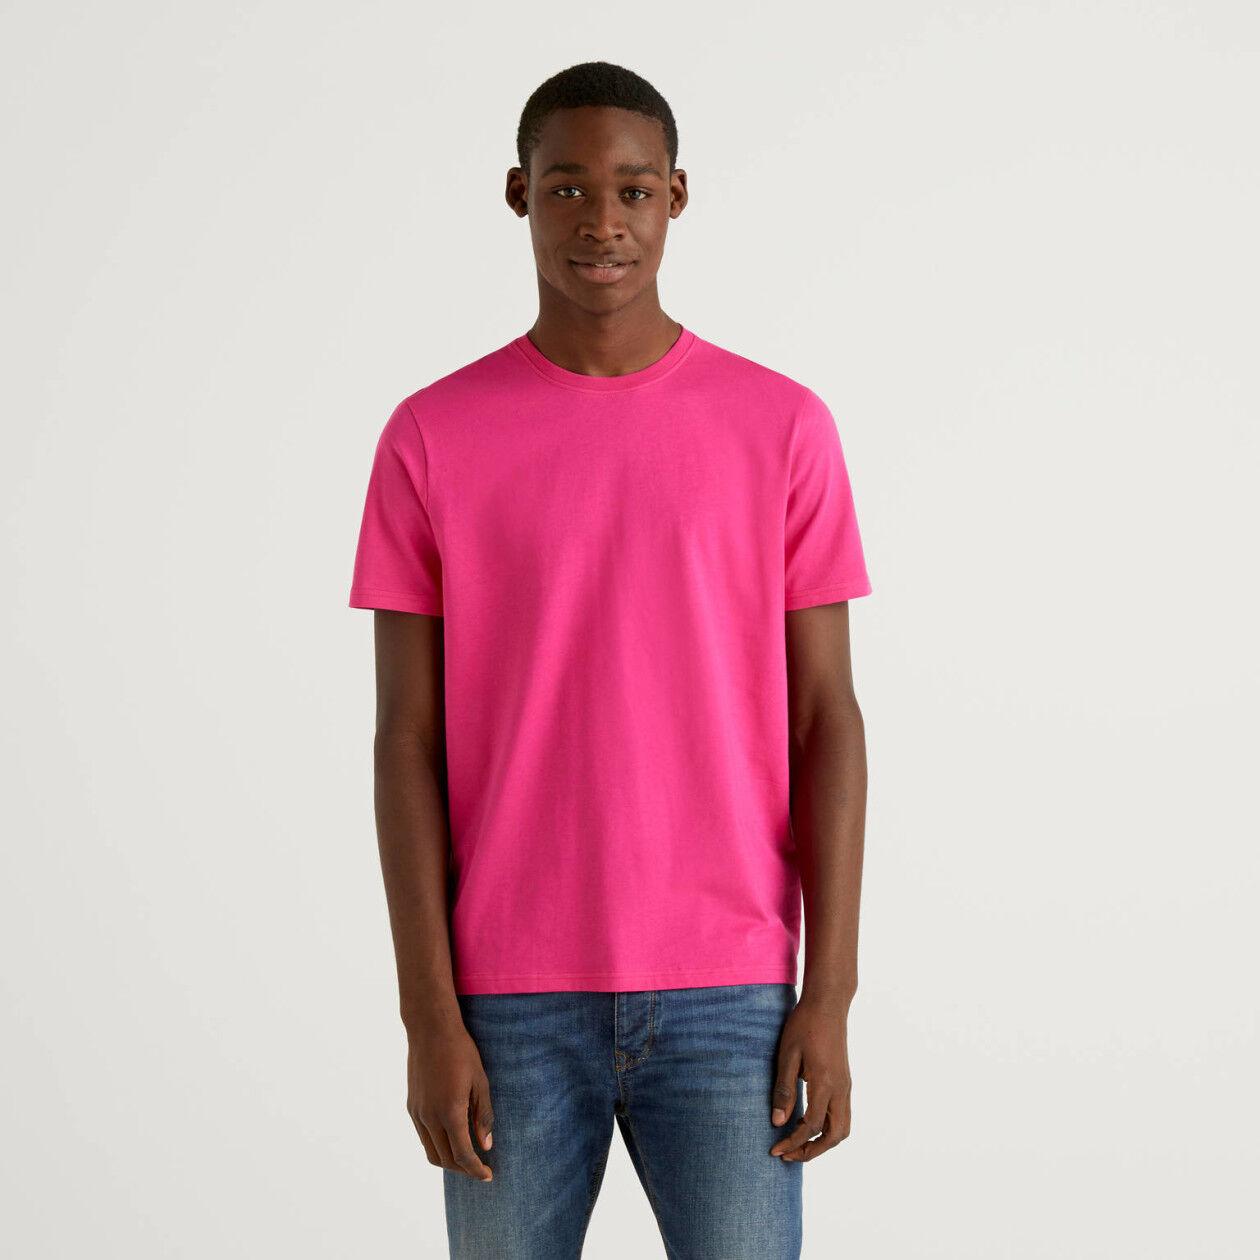 Fuchsiafarbenes T-Shirt aus reiner Baumwolle